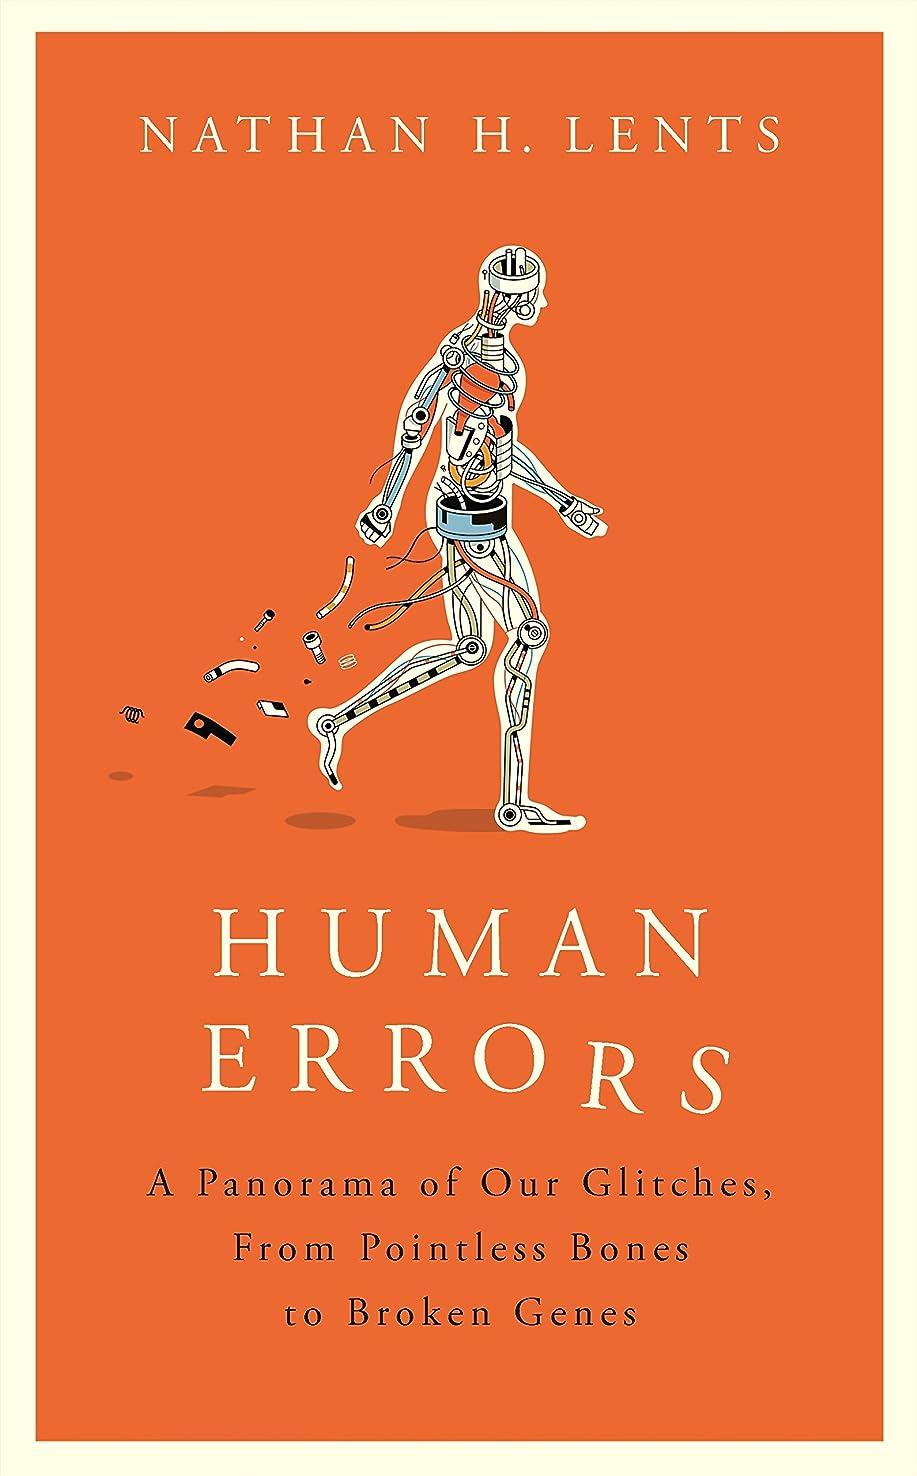 犯罪ぶどう合併症Human Errors: A Panorama of Our Glitches, From Pointless Bones to Broken Genes (English Edition)